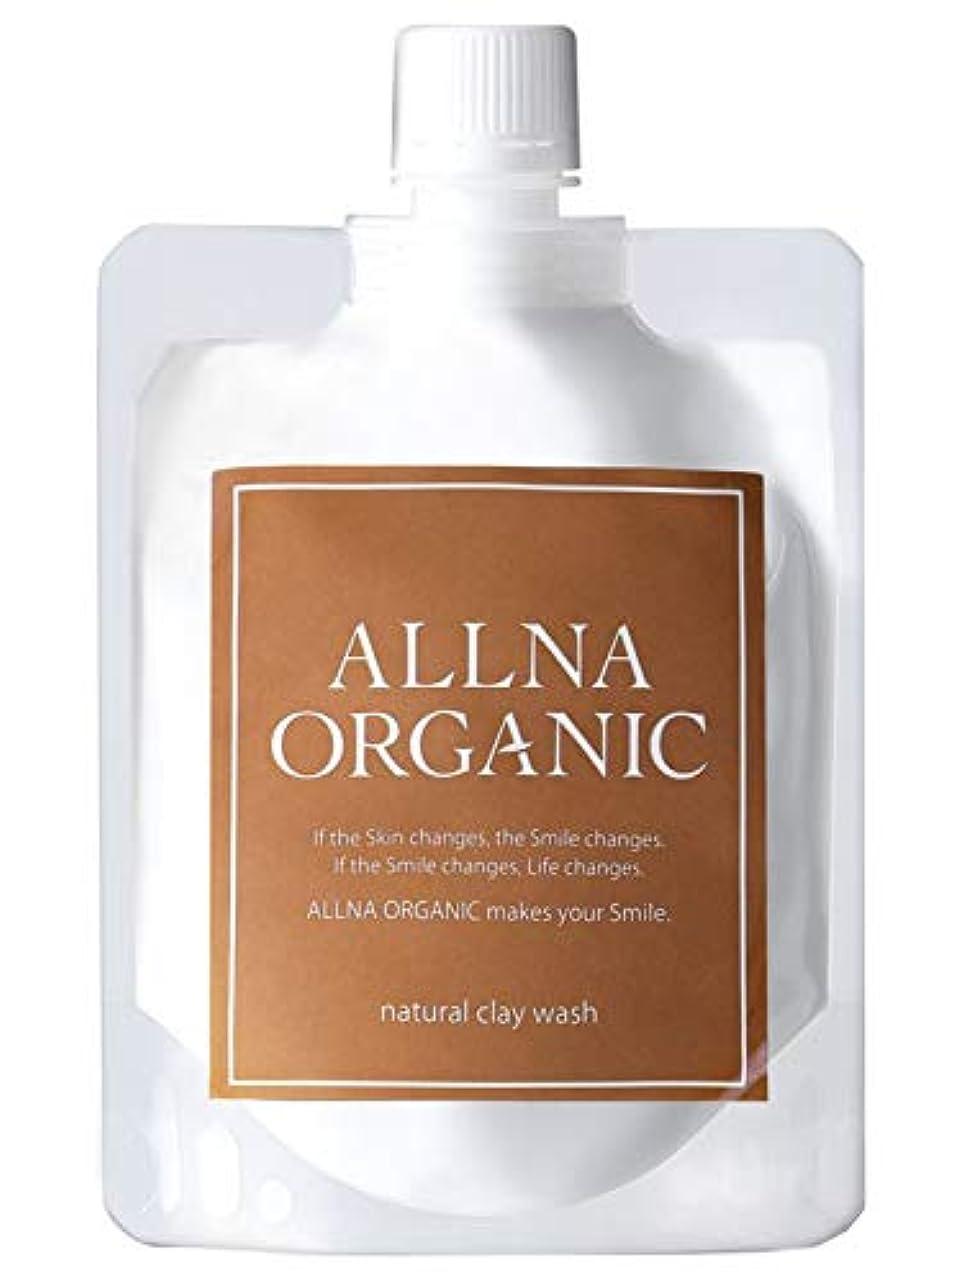 バクテリア休日興味オルナ オーガニック 泥 洗顔 「 毛穴 開き 黒ずみ 用」「 泡 ネット 付き」「 コラーゲン 3種類 + ヒアルロン酸 4種類 + ビタミンC 4種類 + セラミド 配合」 130g